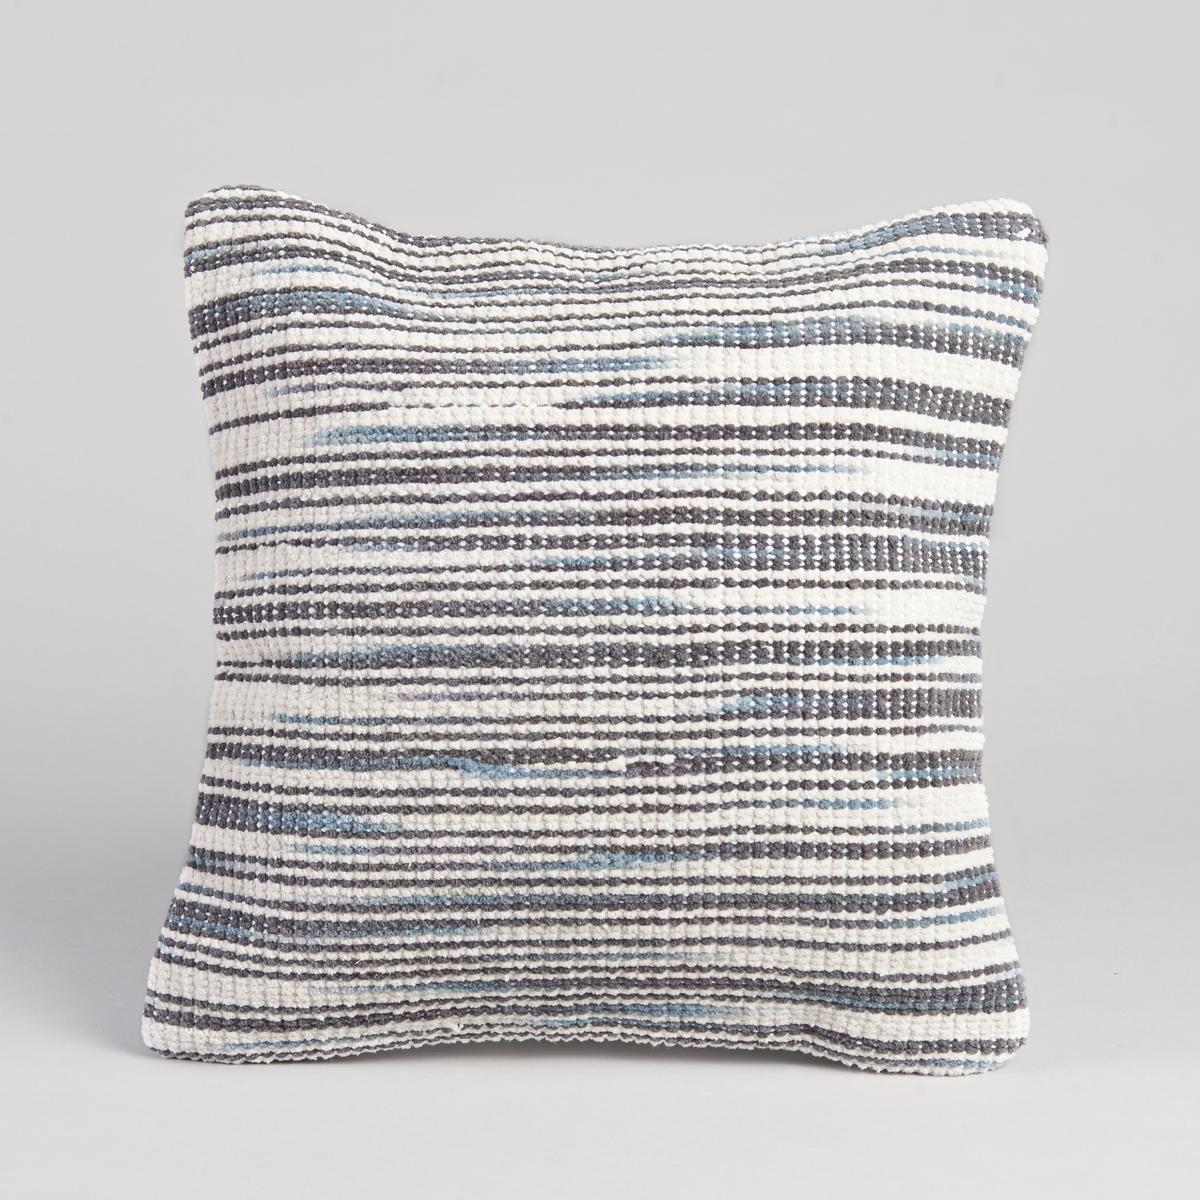 Чехол для подушки BiceЧехол для подушки Bice. Графичный рисунок в виде линий цвета экрю и синего. Застёжка на скрытую молнию сзади. Трикотаж, 83% хлопка, 14% полиэстера, 3% других волокон. Размер : 40 x 40 см.<br><br>Цвет: синий<br>Размер: 40 x 40  см